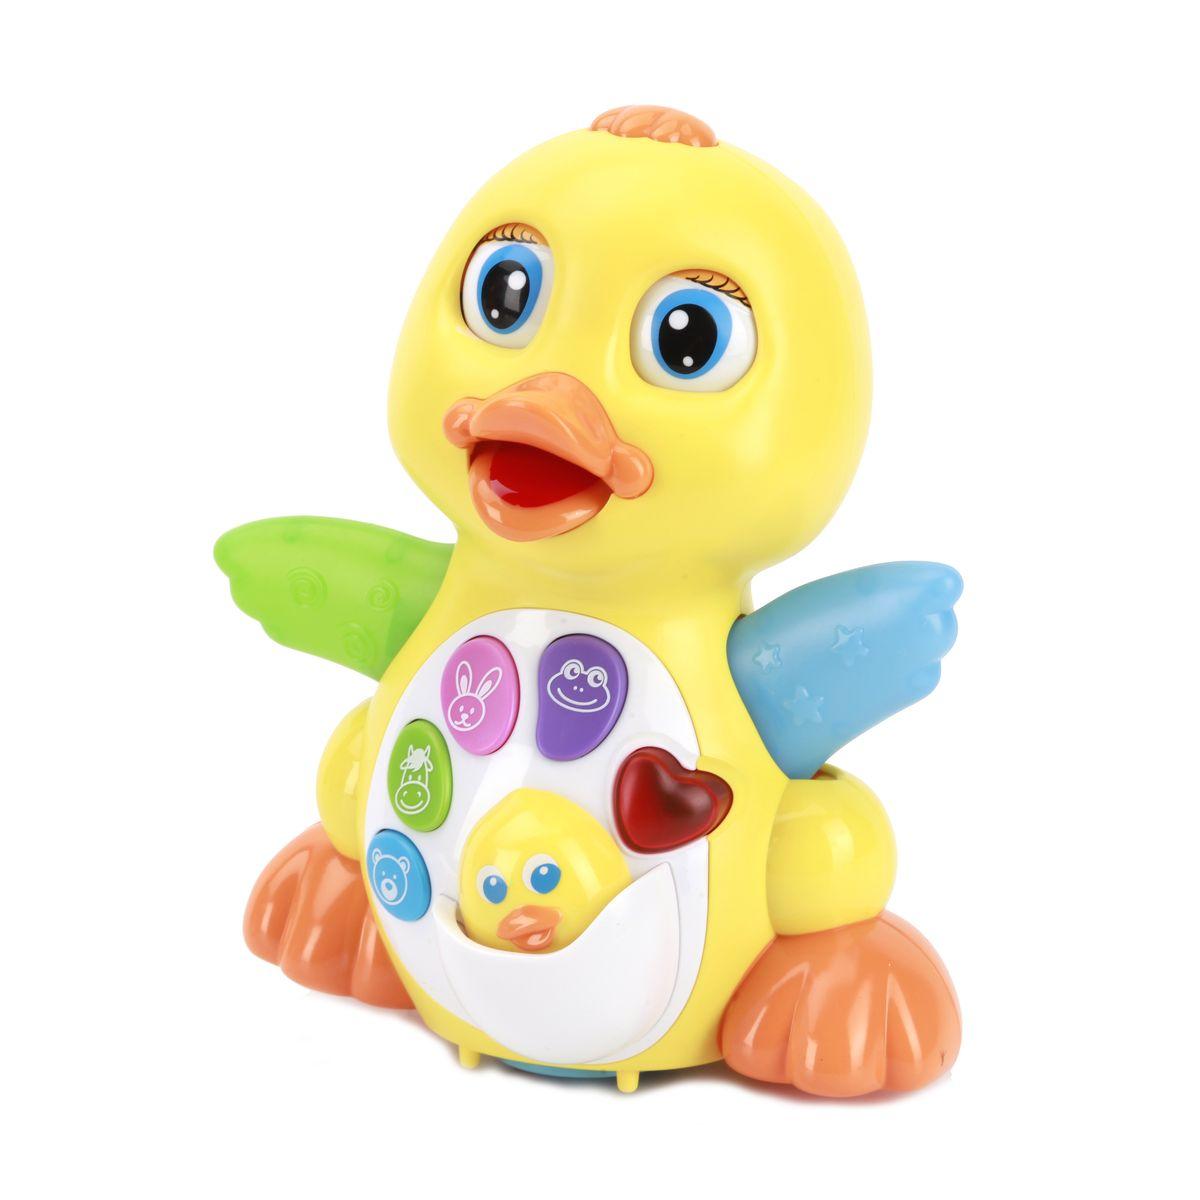 Умка Интерактивная уточкаB655-H04018RUС помощью этой игрушки ваш малыш научится различать цвета, разовьет мелкую моторику, чувство ритма, слуховое и зрительное восприятие.